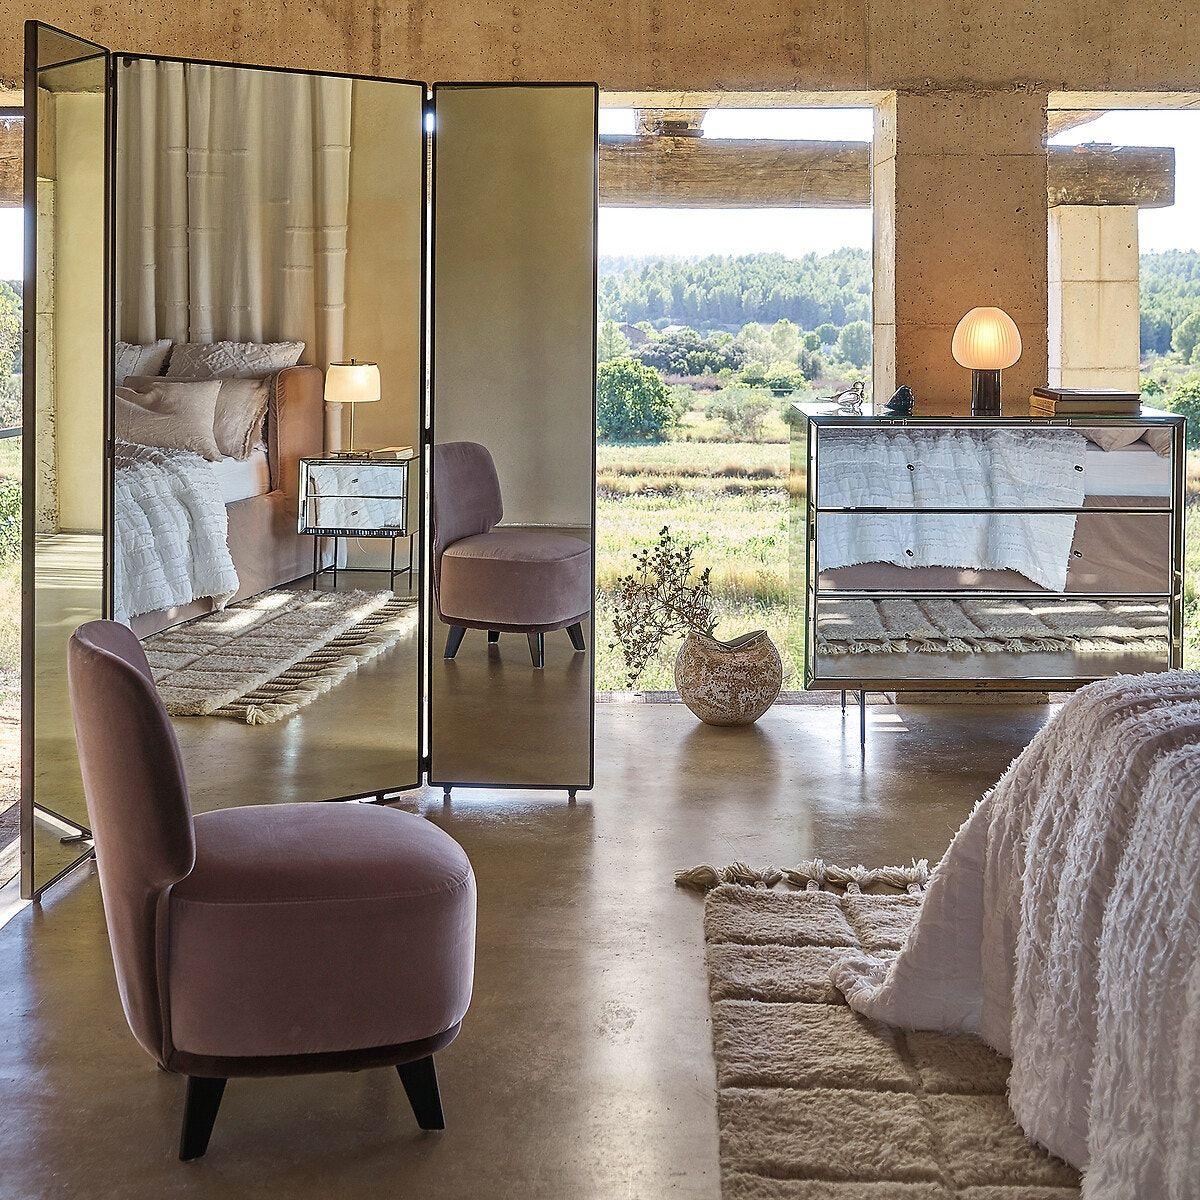 Commode Miroir Khonsou Transparent Commode Am Pm Iziva Com En 2020 Mobilier De Salon Decoration Maison Deco D Interieur Bon Marche